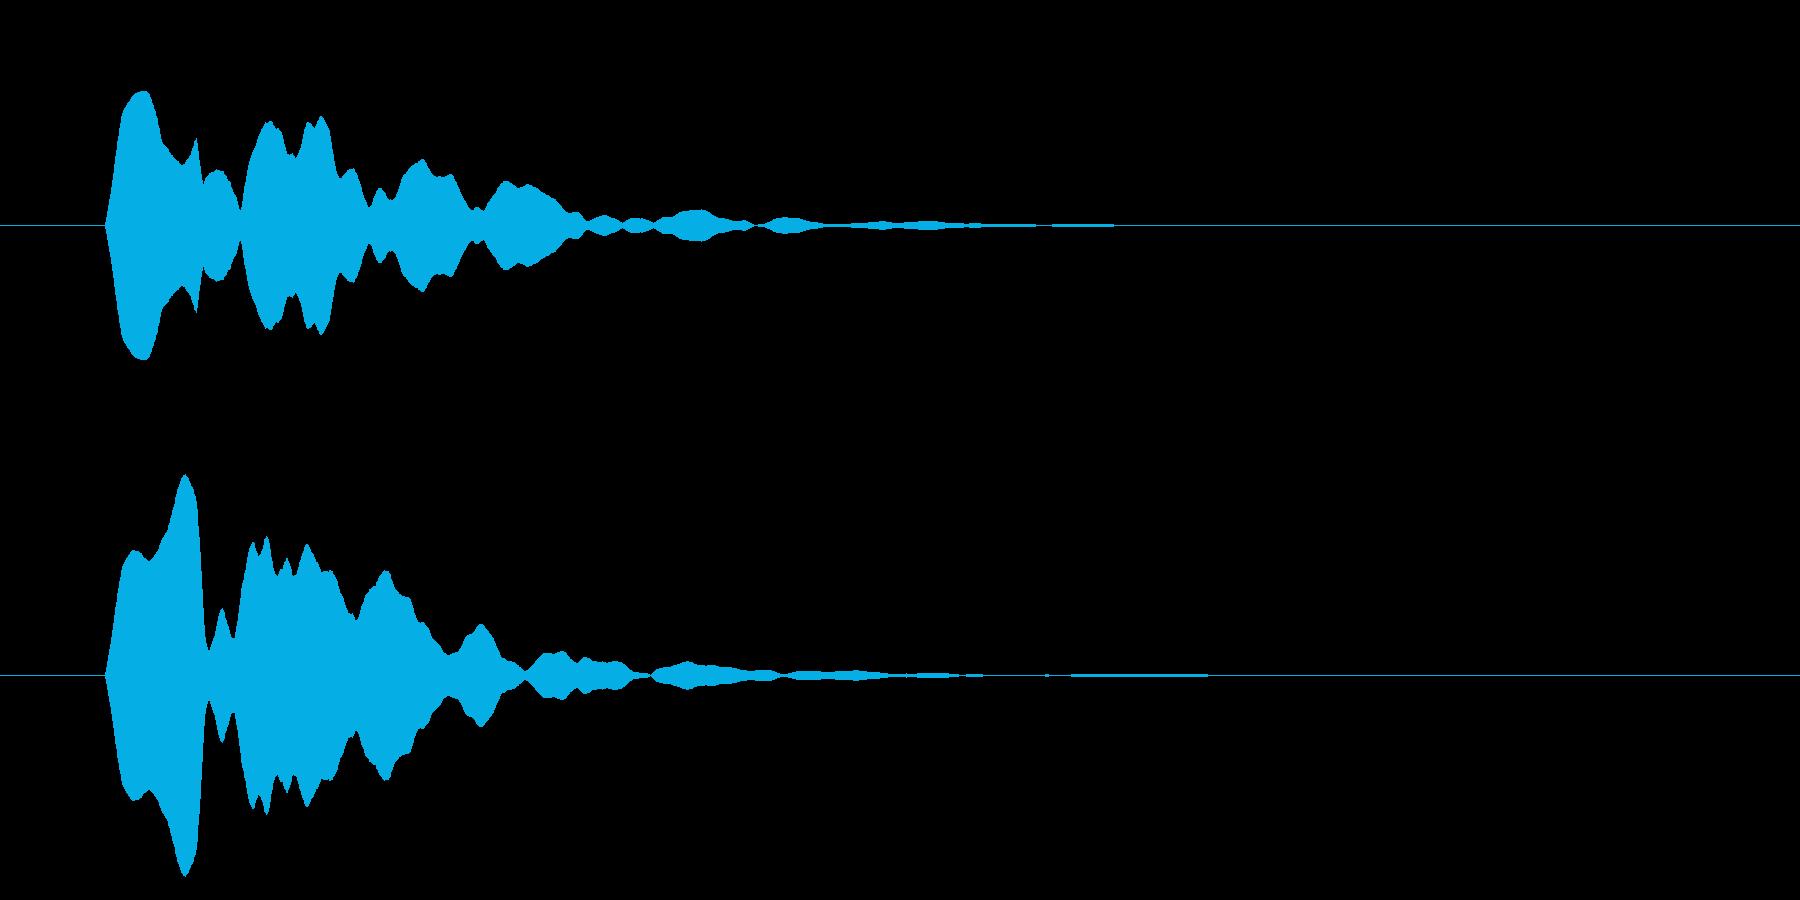 改札 ビープ音01-13(音色2 遠)の再生済みの波形